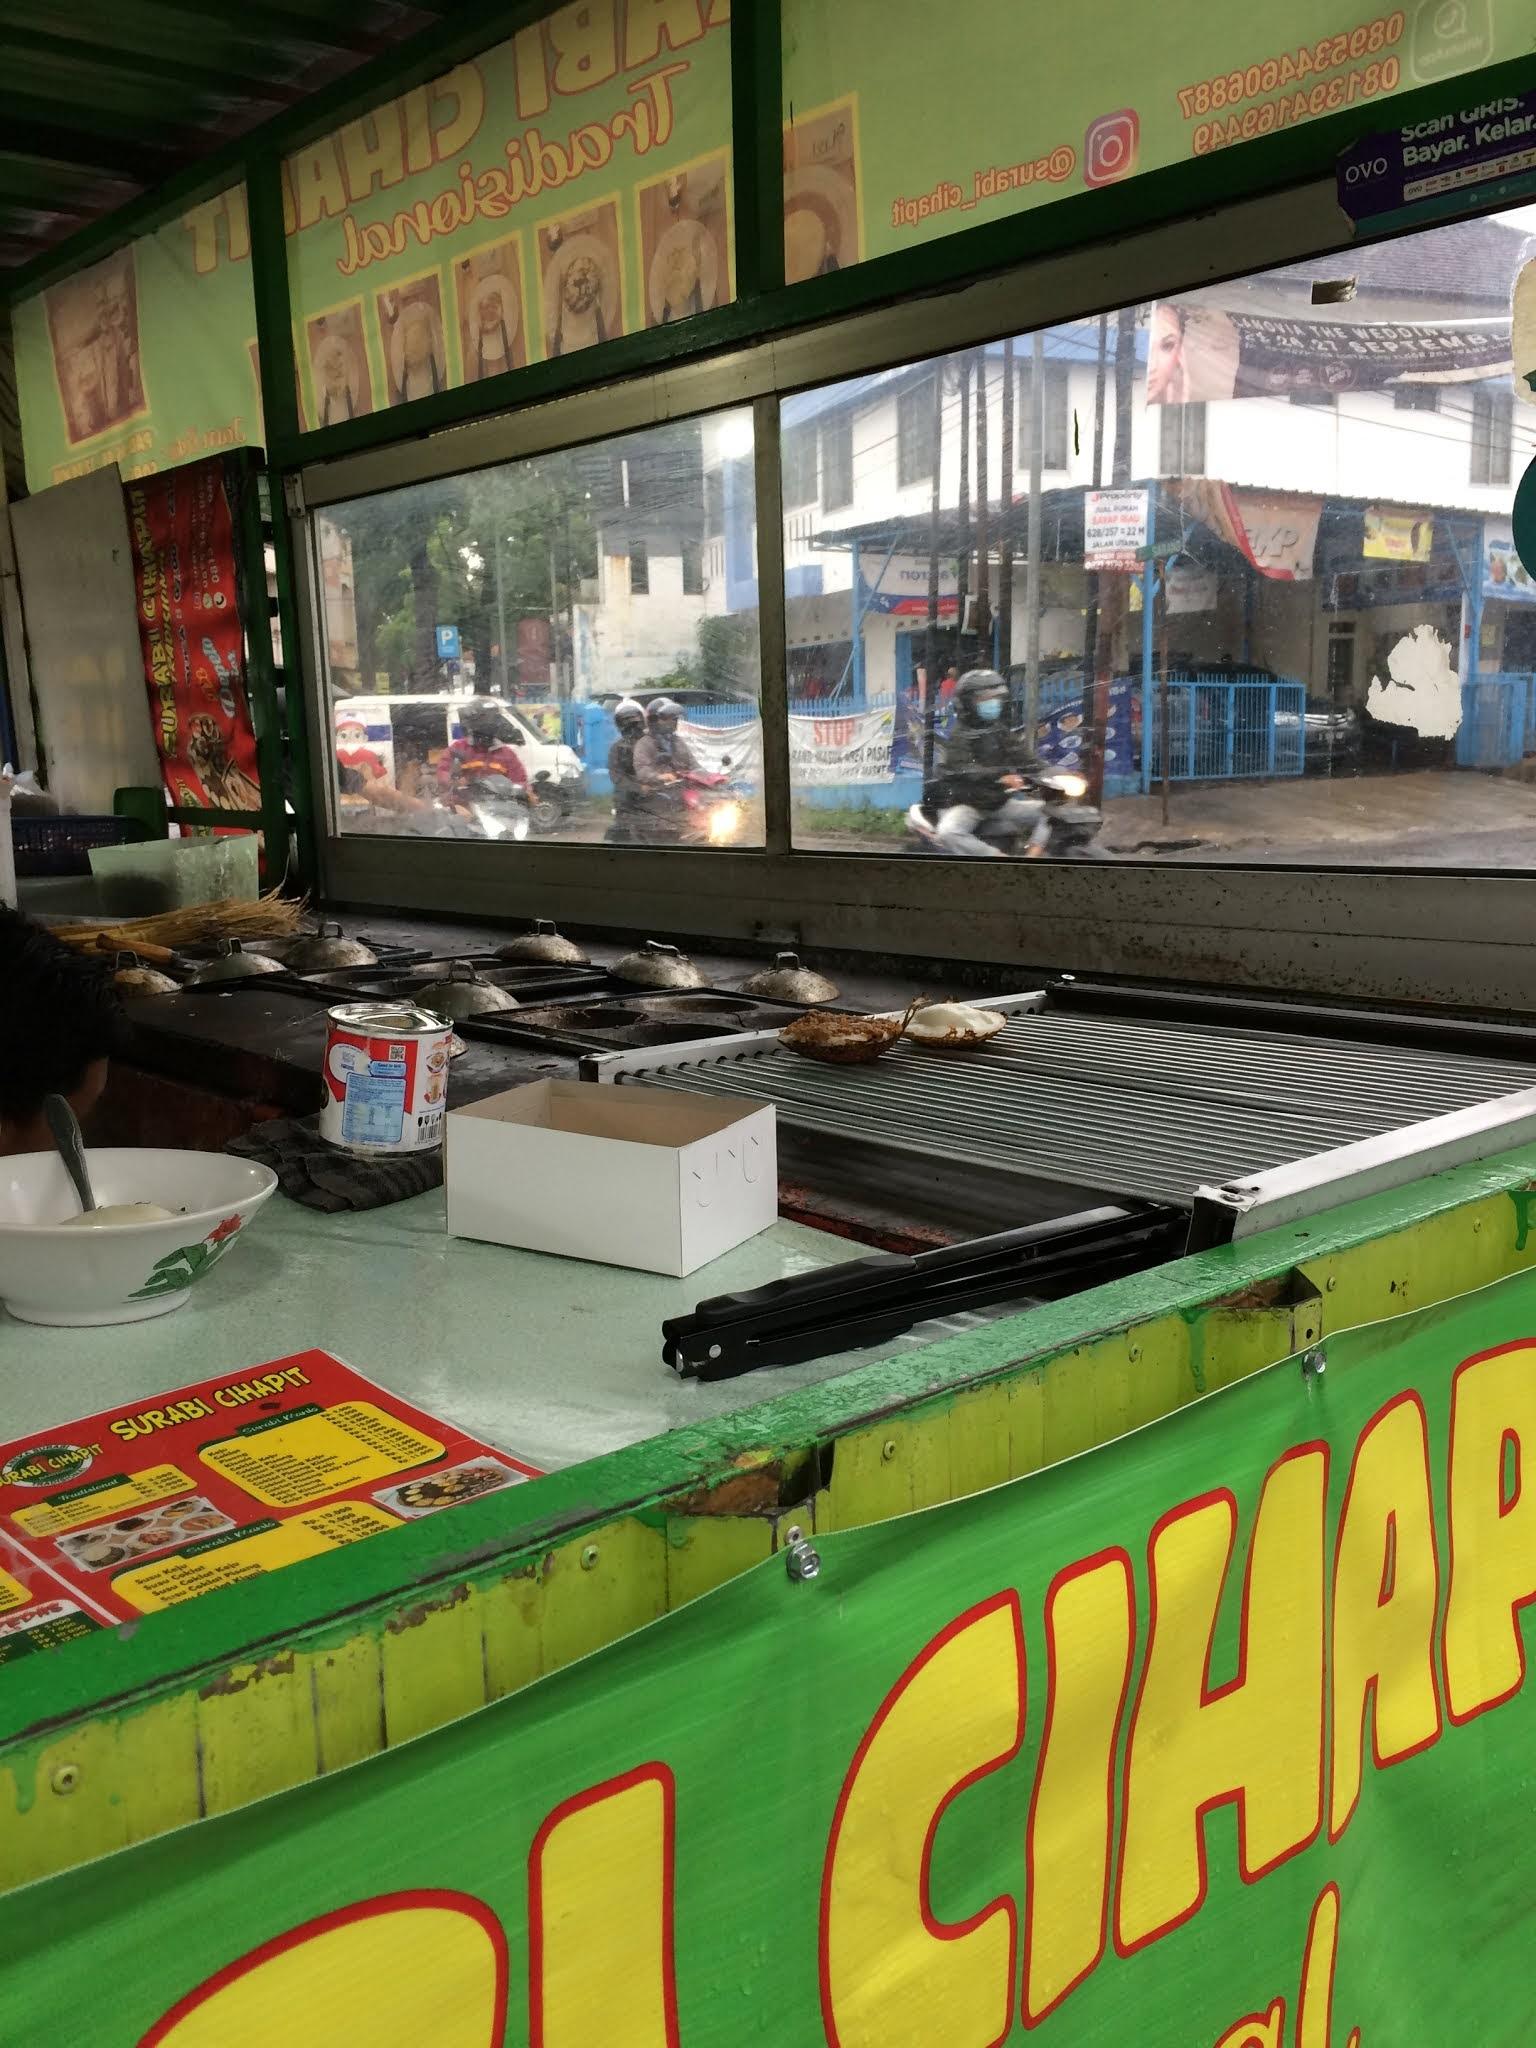 Surabi Cihapit, Bandung